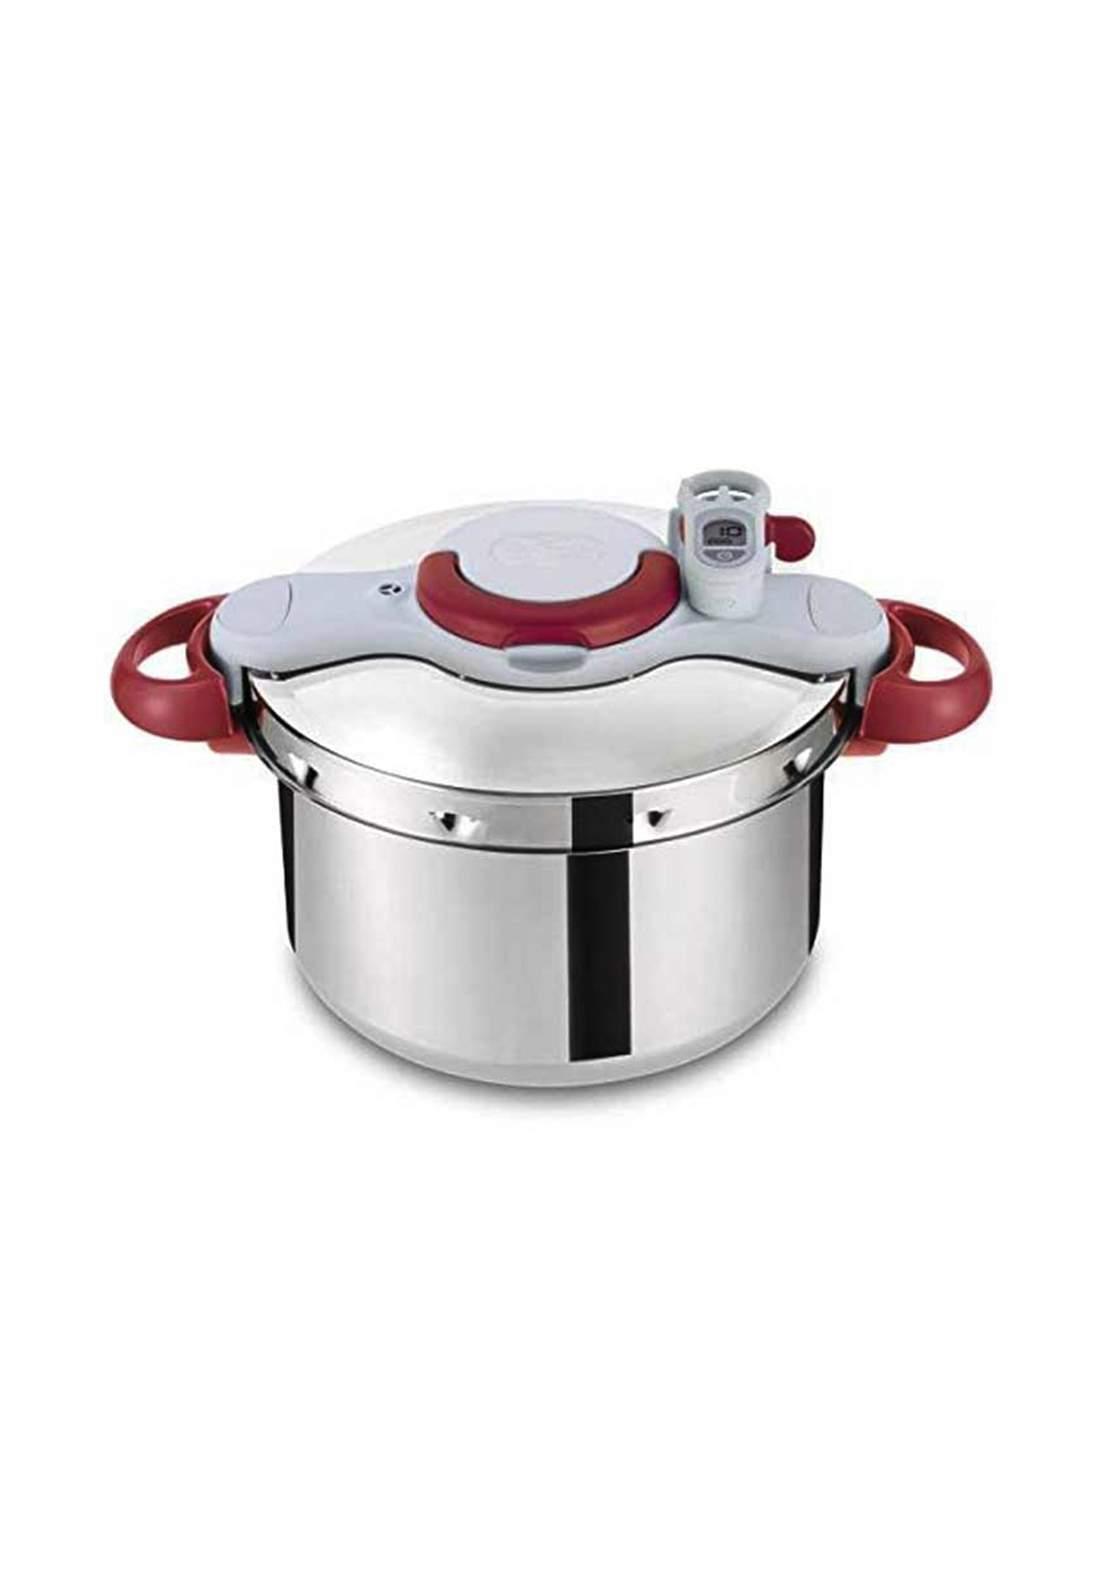 Tefal P4624831 Clipson Plus Pression Pressure Cooker - Silver قدر ضغط